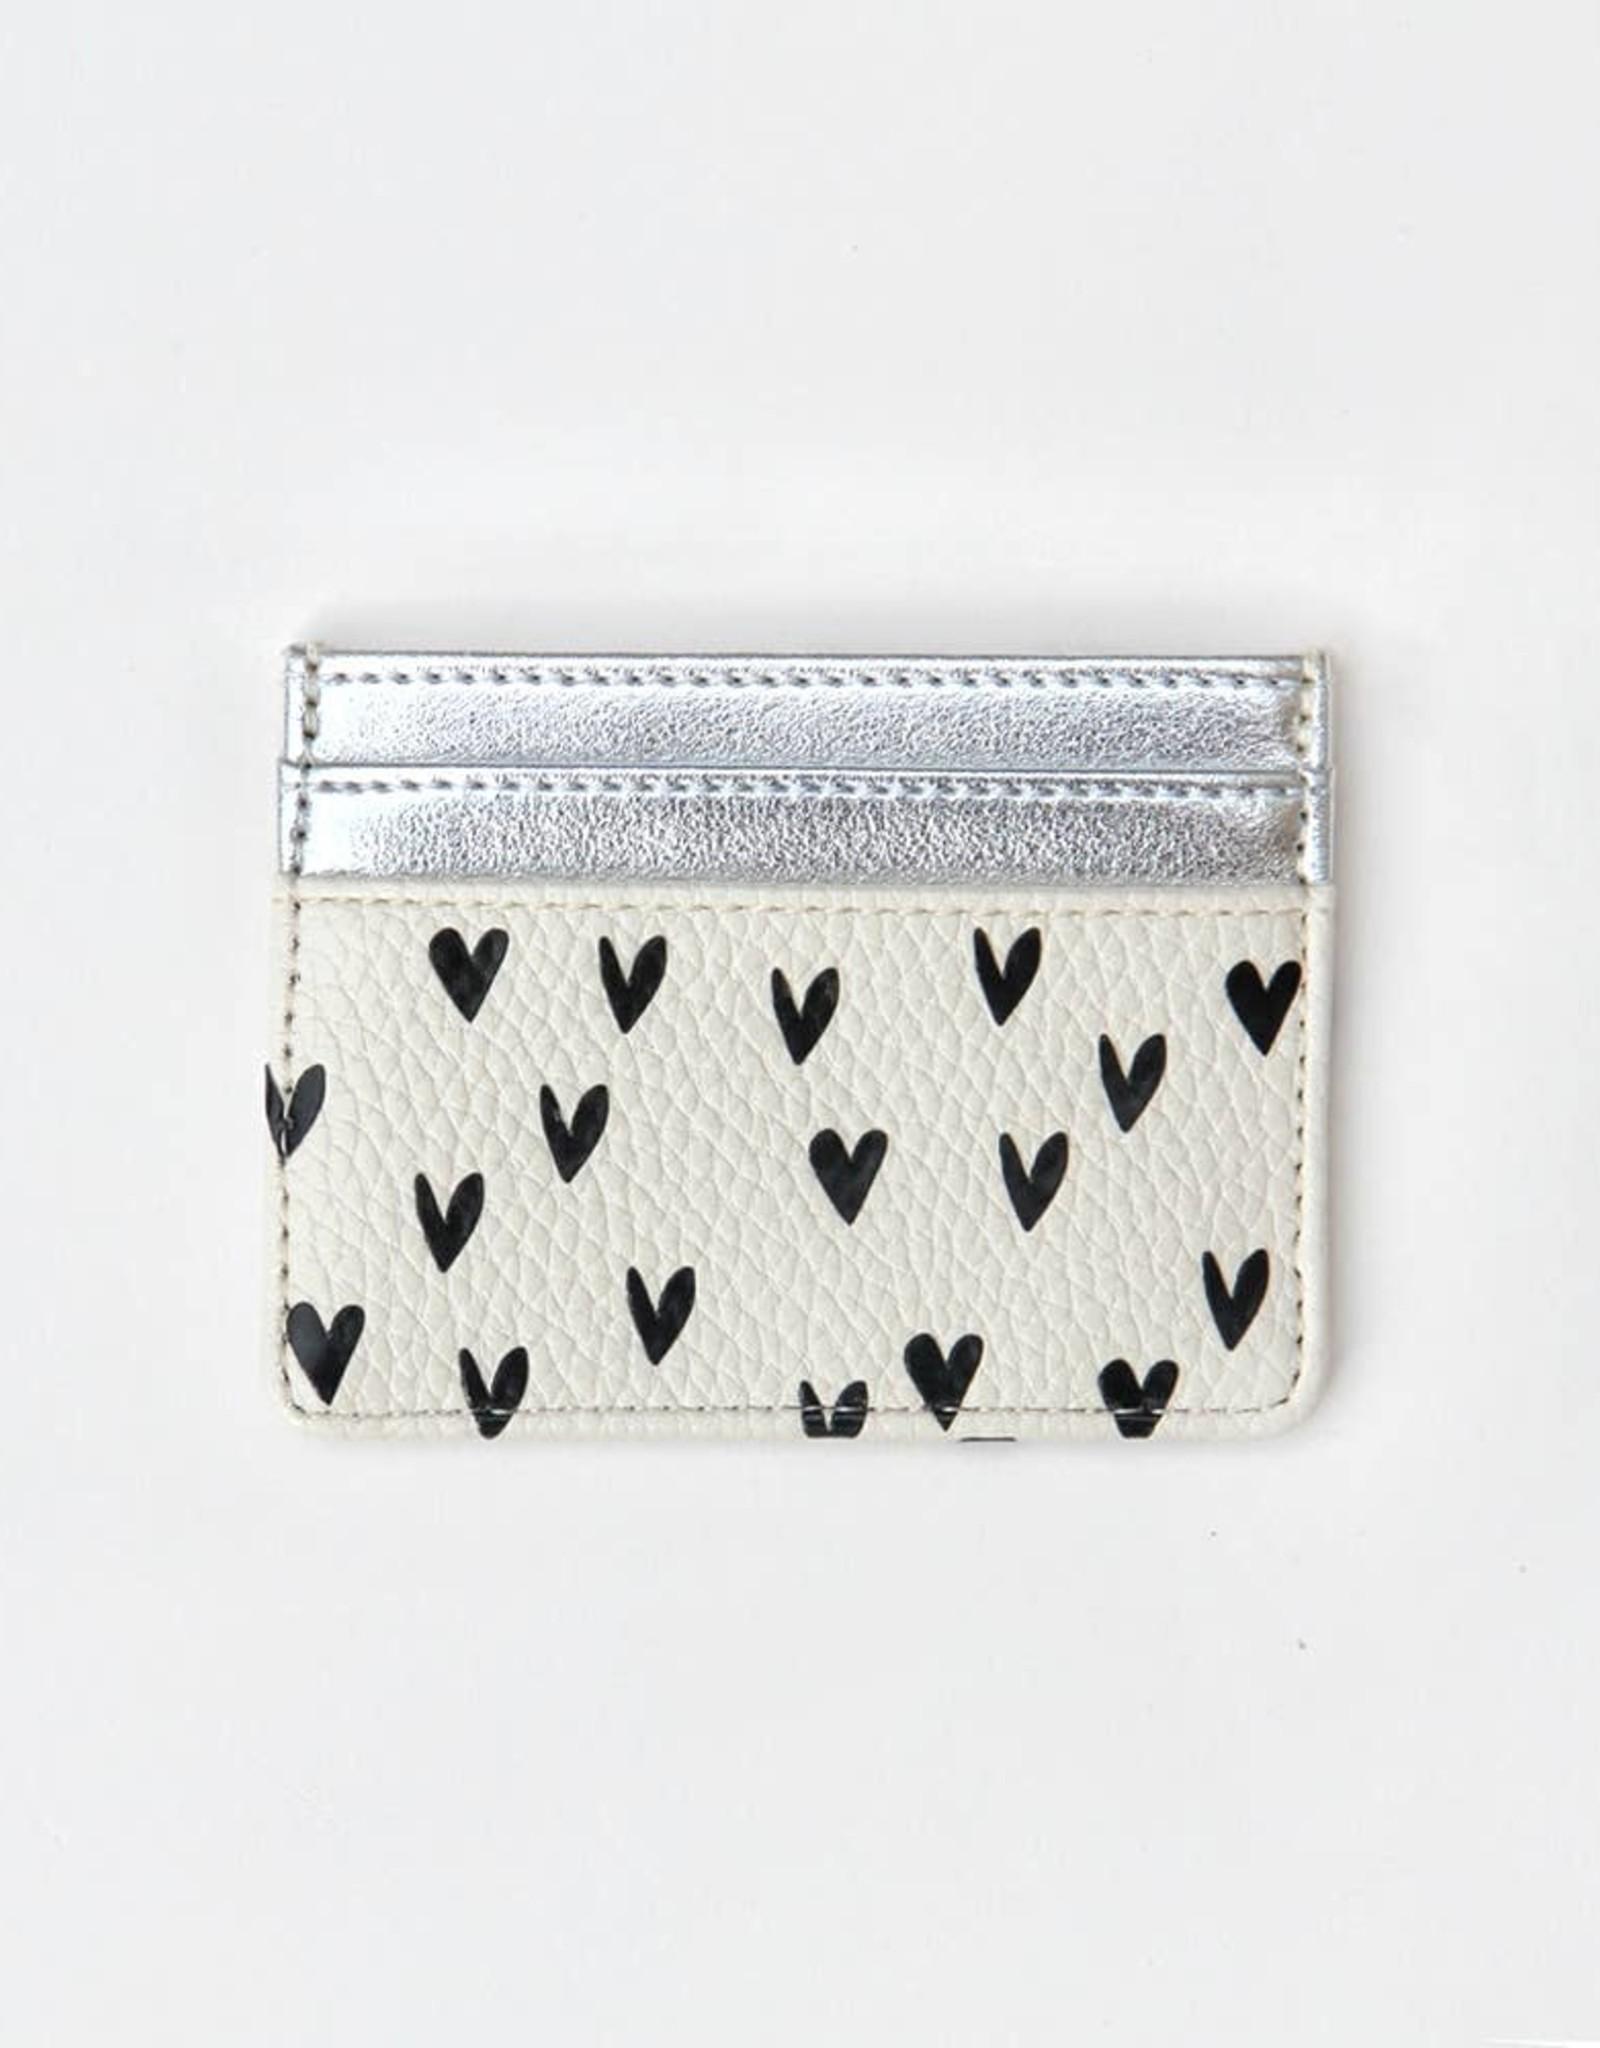 Wallet: Cardholder